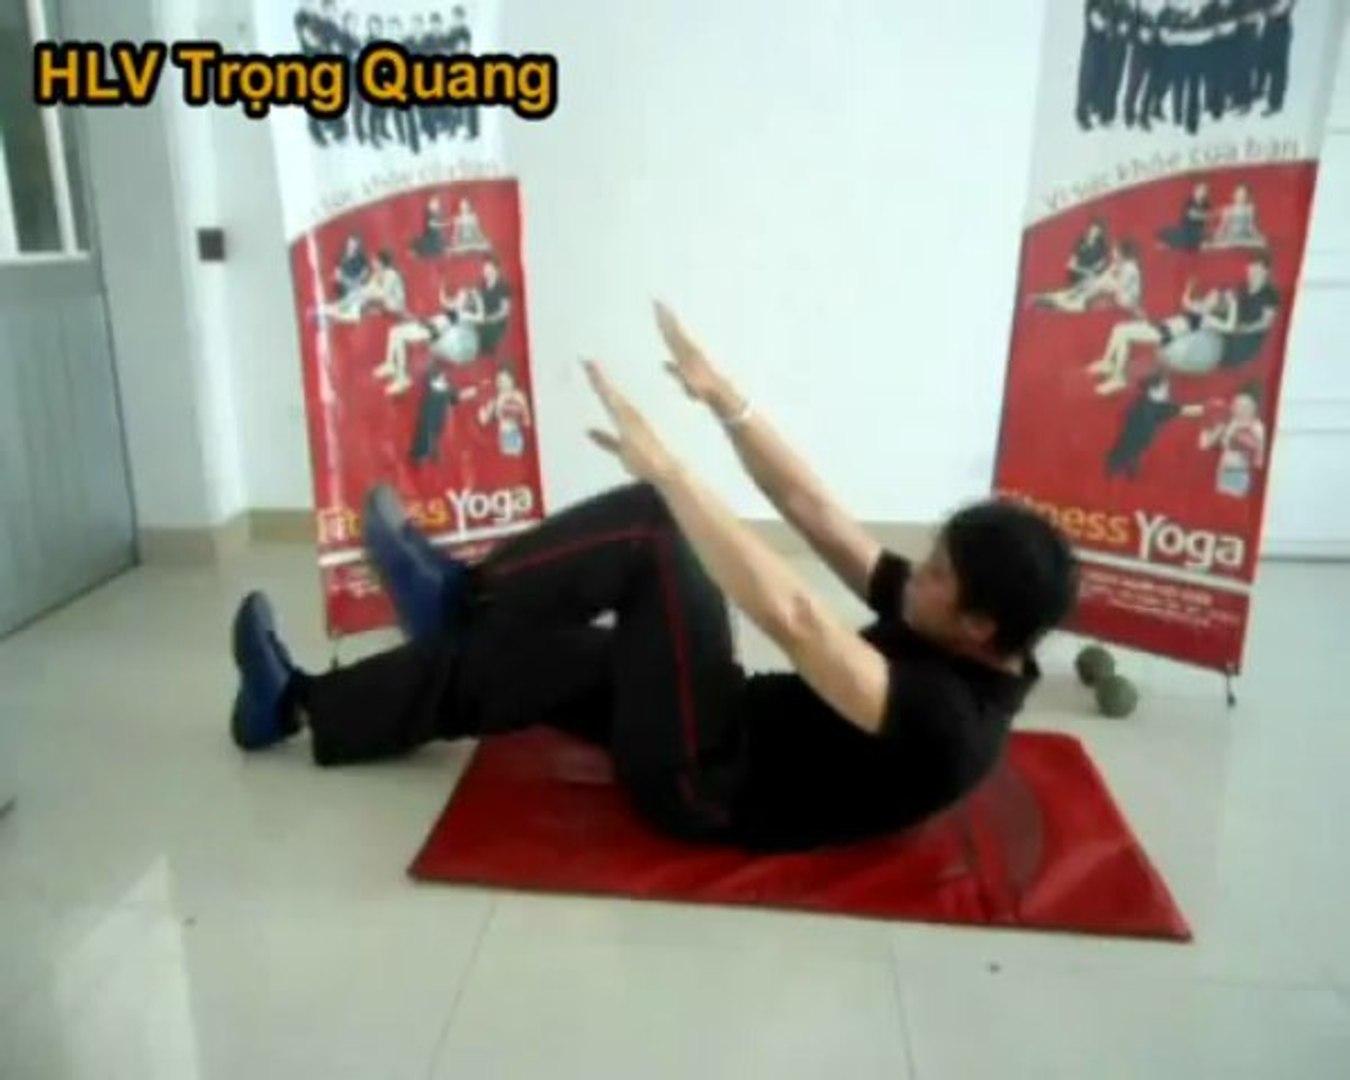 Khỏe đẹp mỗi ngày p9 huấn luyện viên cá nhân Người Việt Khỏe